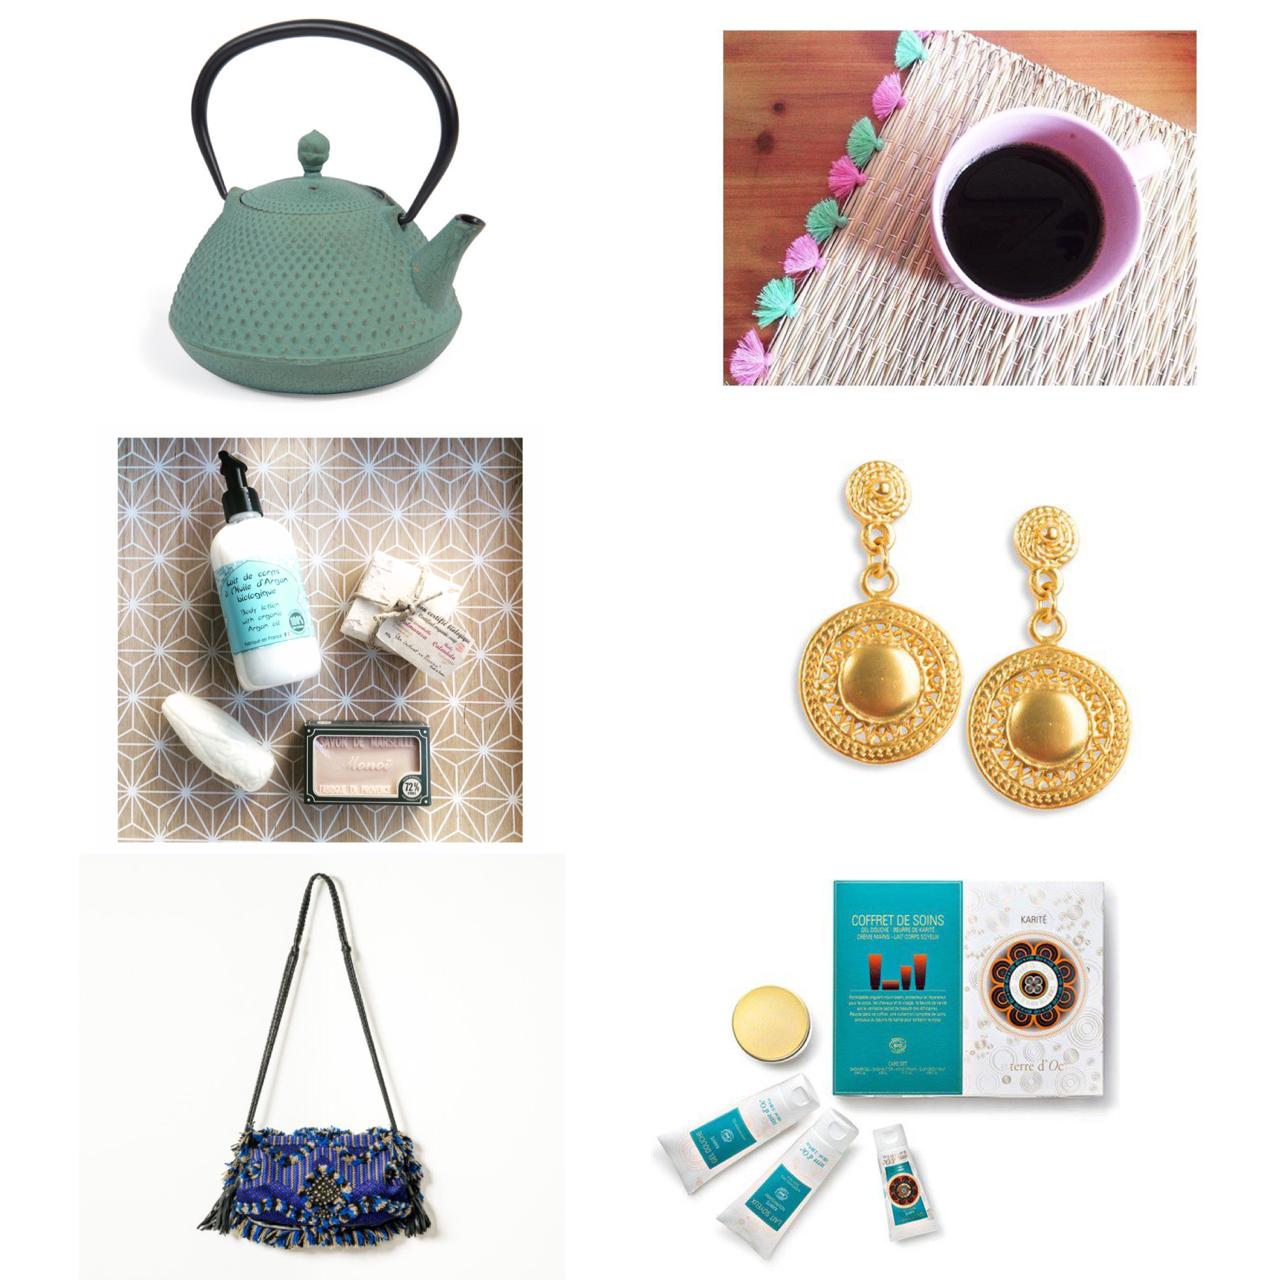 Idées cadeaux #4